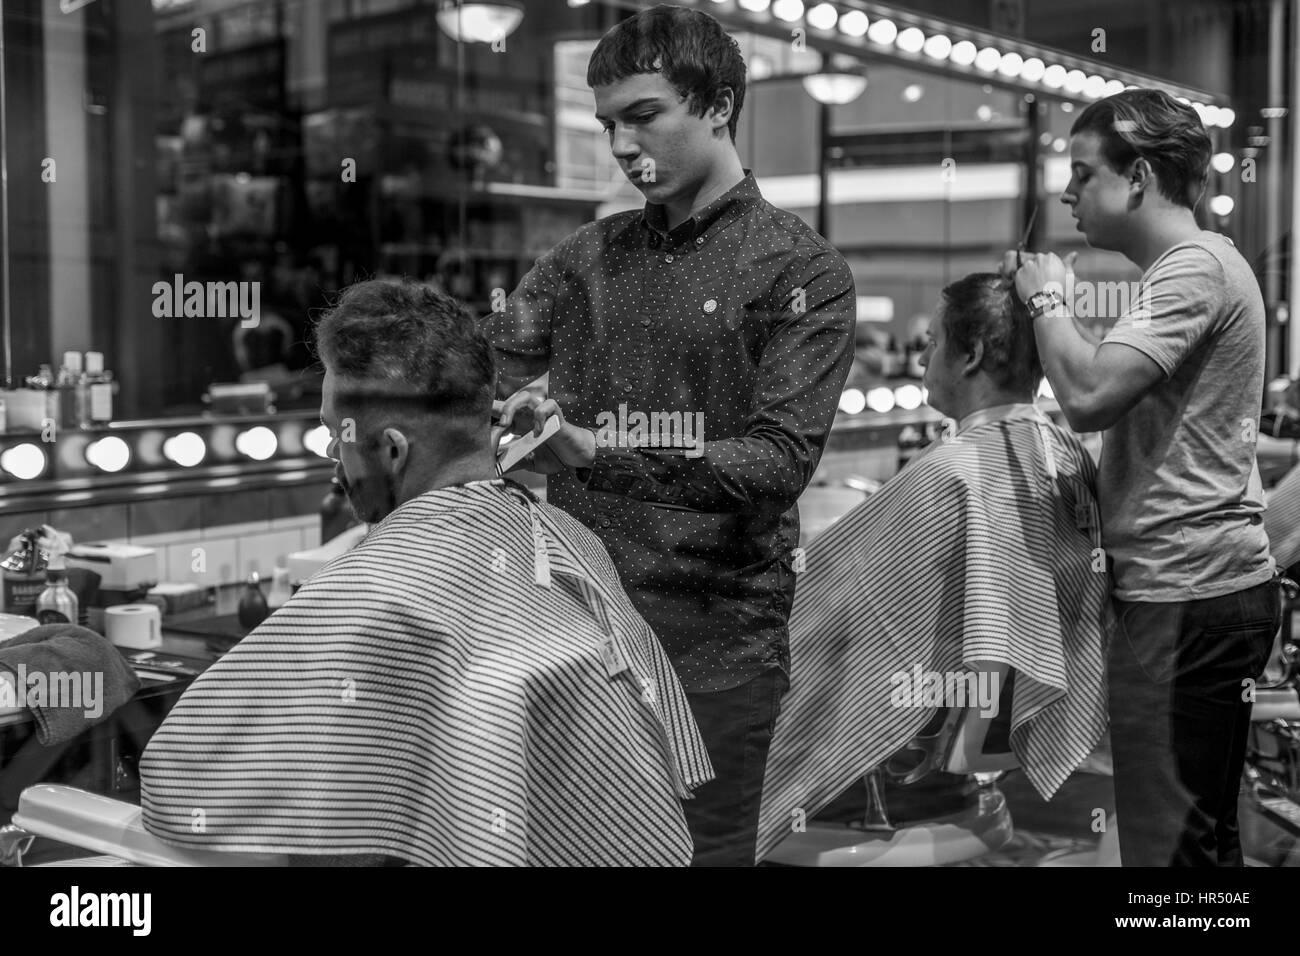 Two men having their hair cut, London, UK - Stock Image